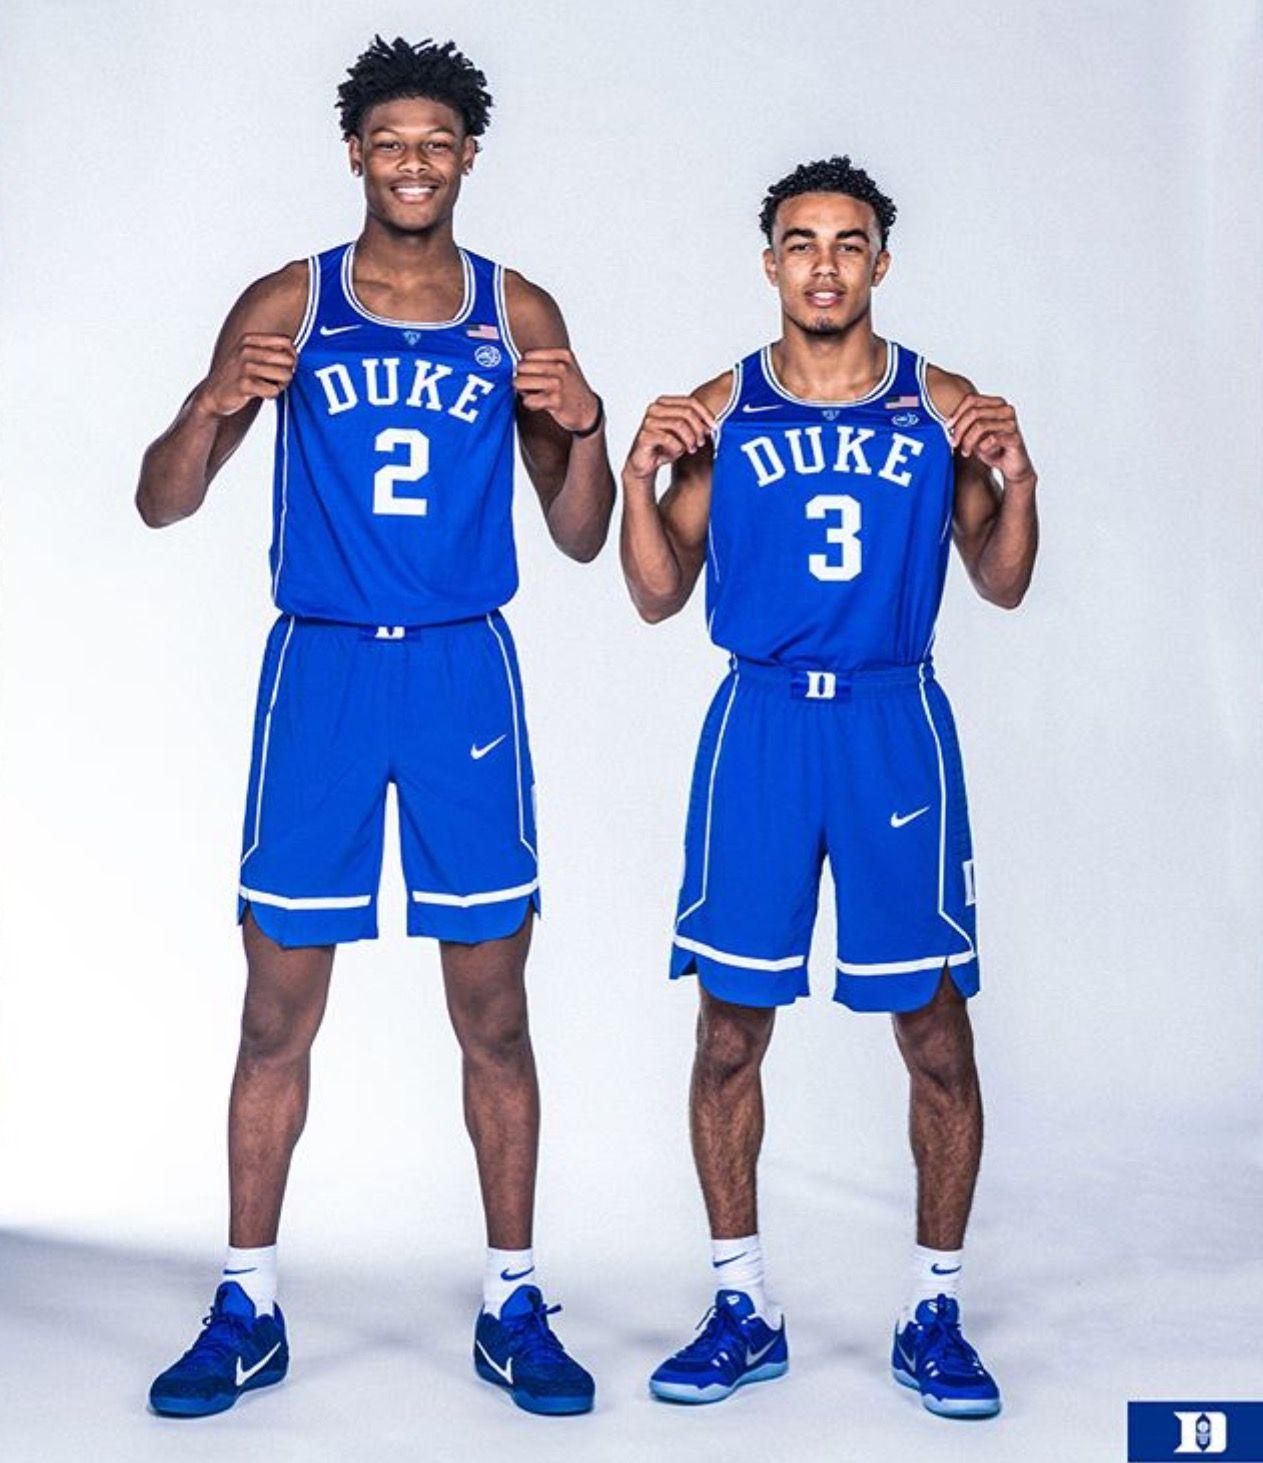 Cam Reddish and Tre Jones Duke blue devils basketball